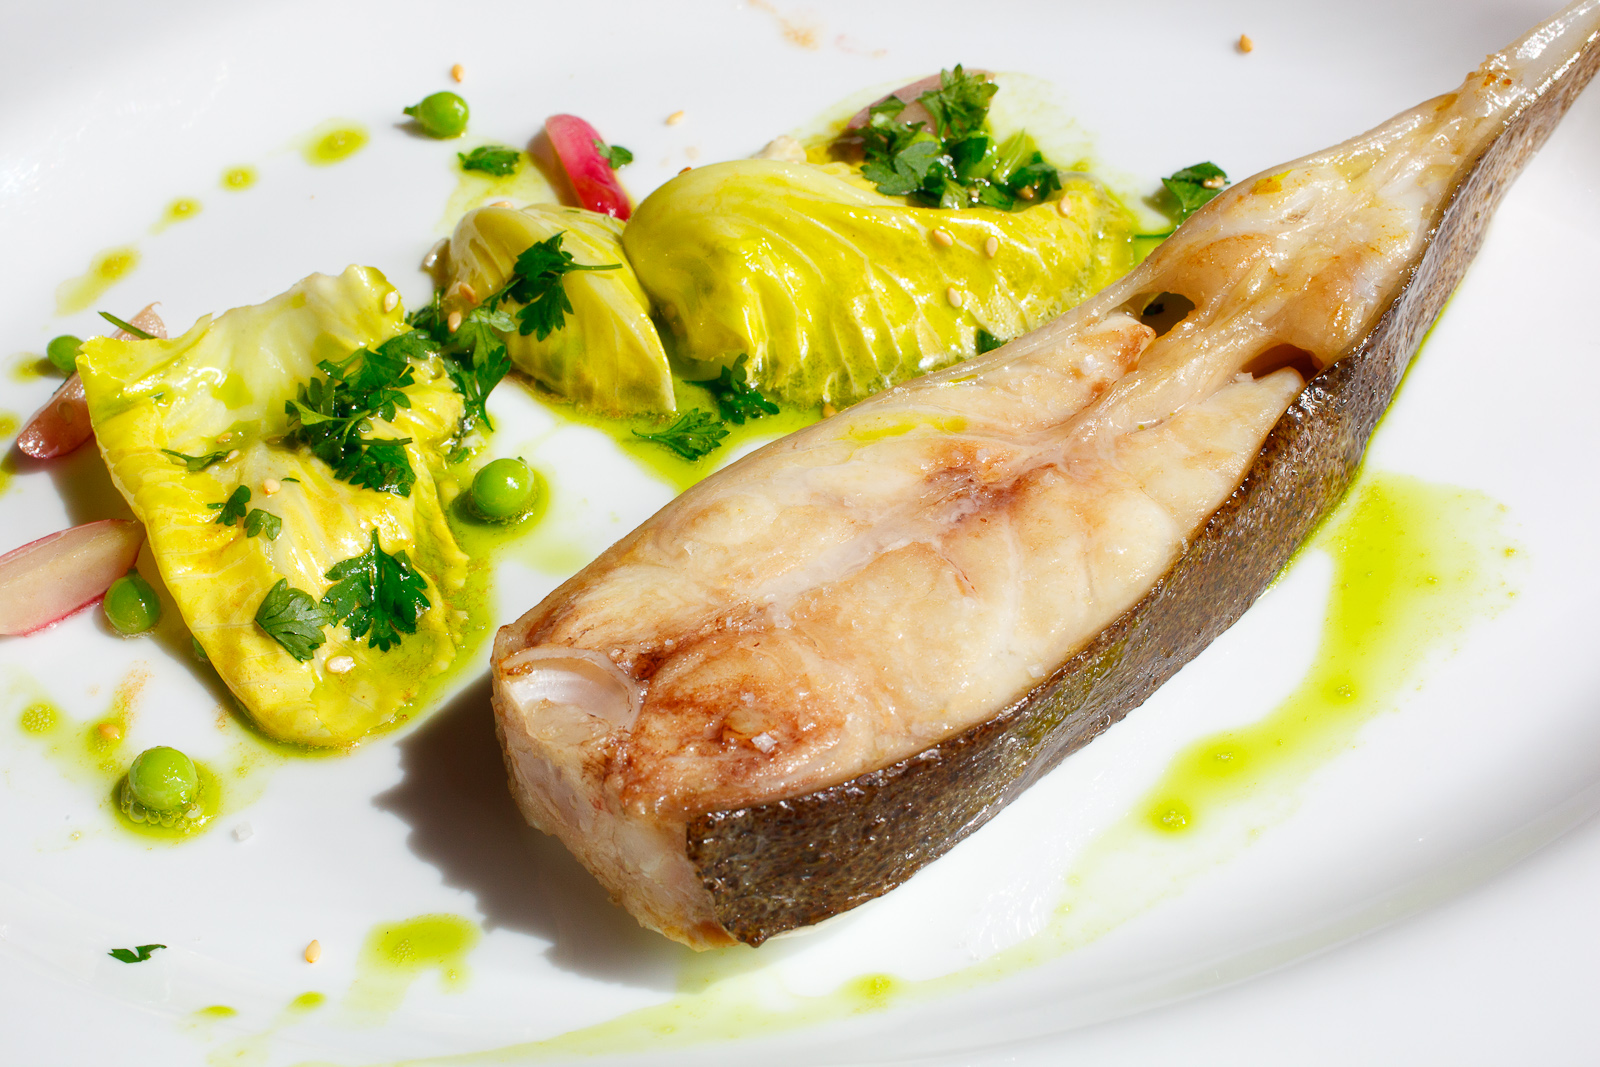 Pêche côtière estampillée pointe de Bretange; Turbot